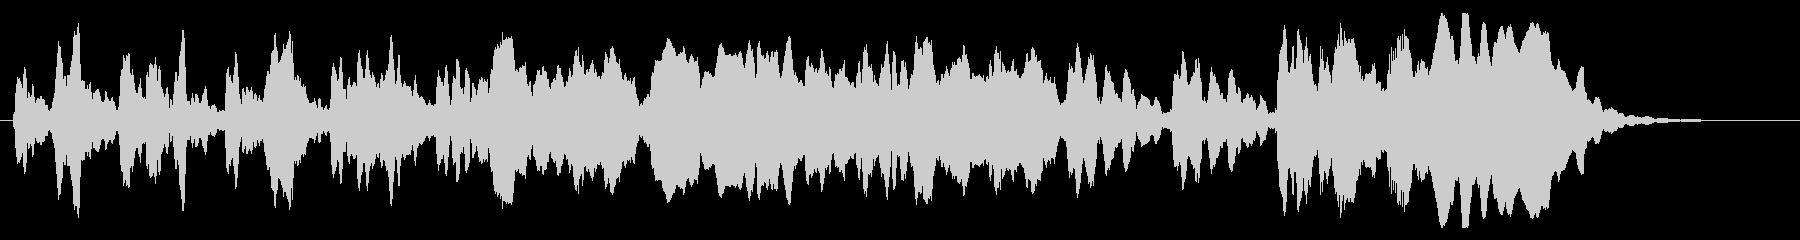 涼しげな尺八のショートジングルの未再生の波形